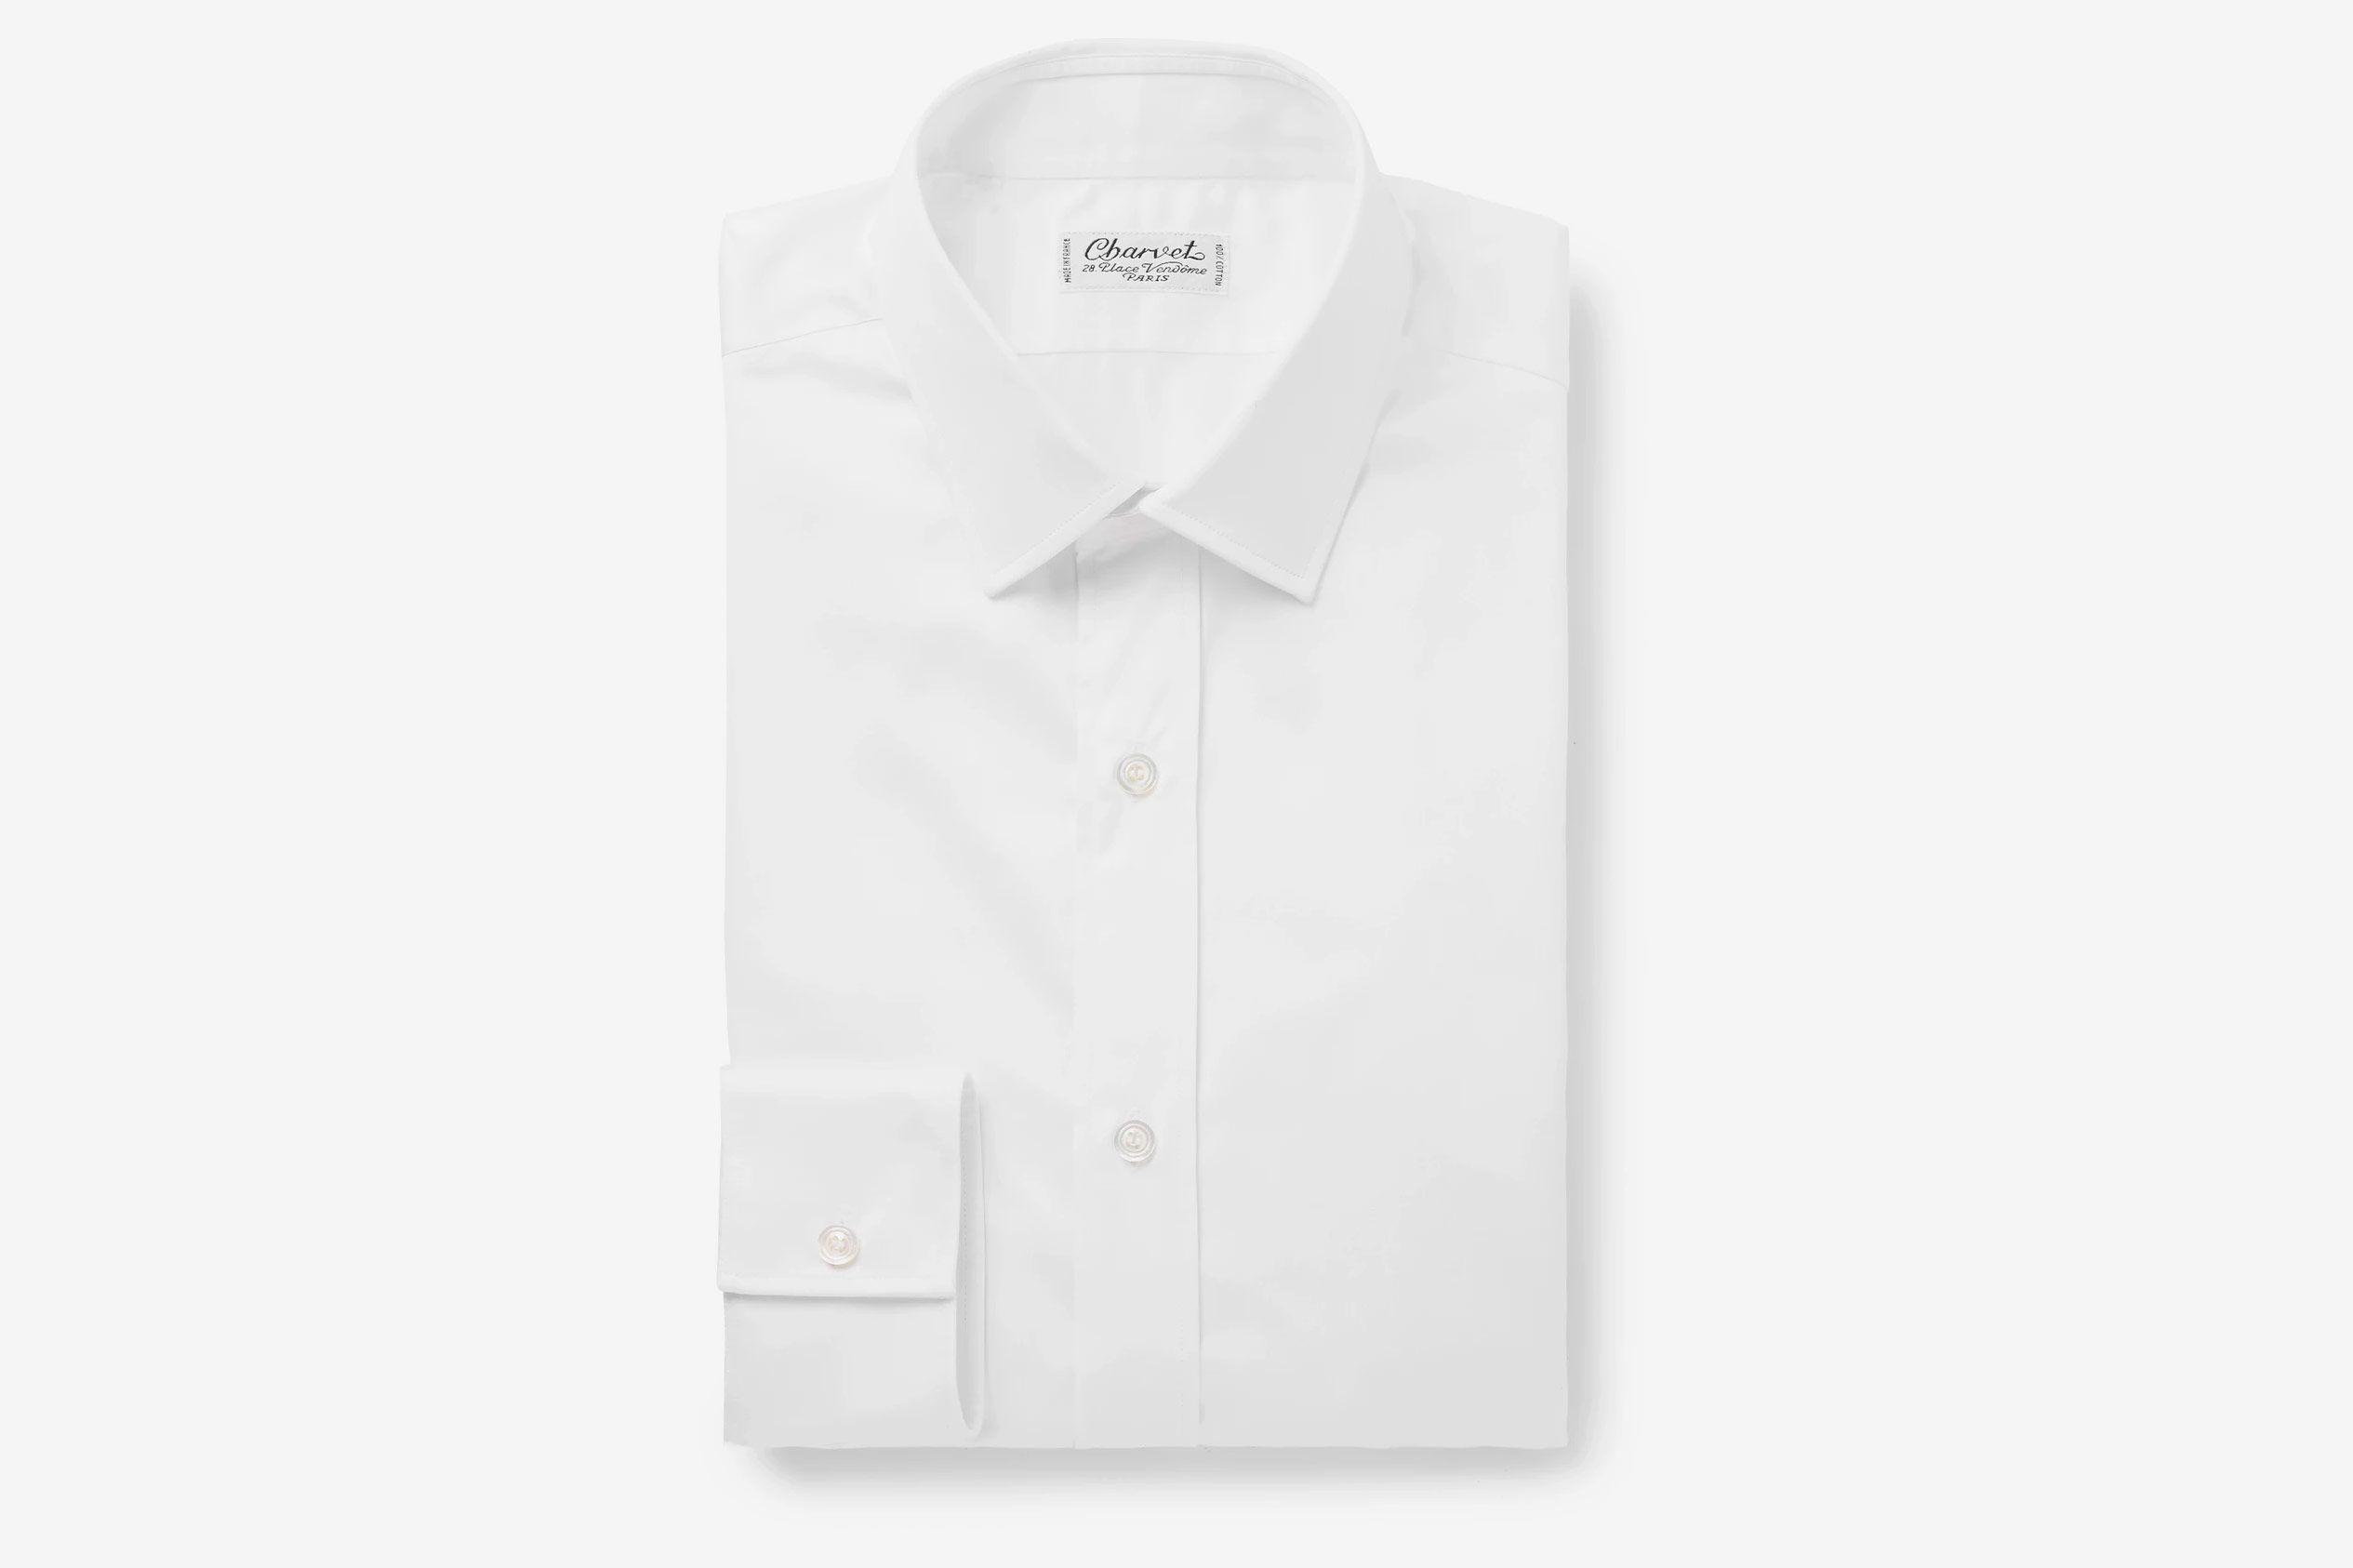 Charvet White Cotton-Satin Shirt